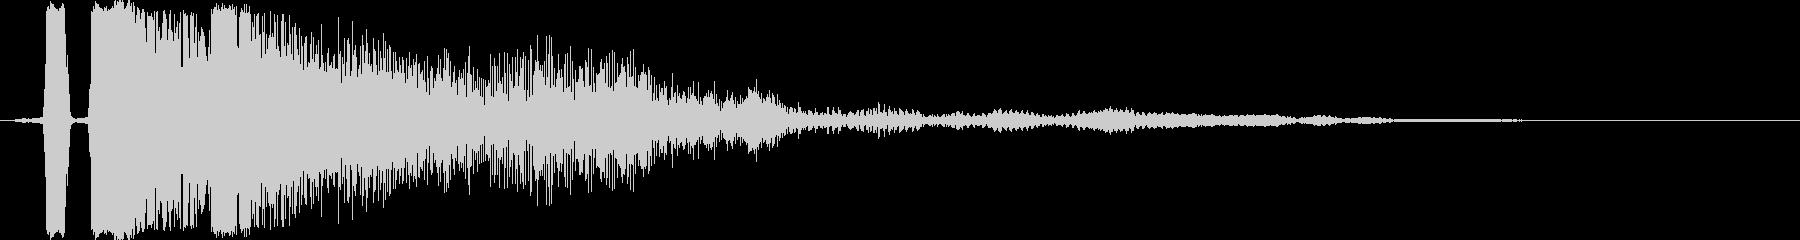 タッチ決定クリック、ボタン音に最適11!の未再生の波形